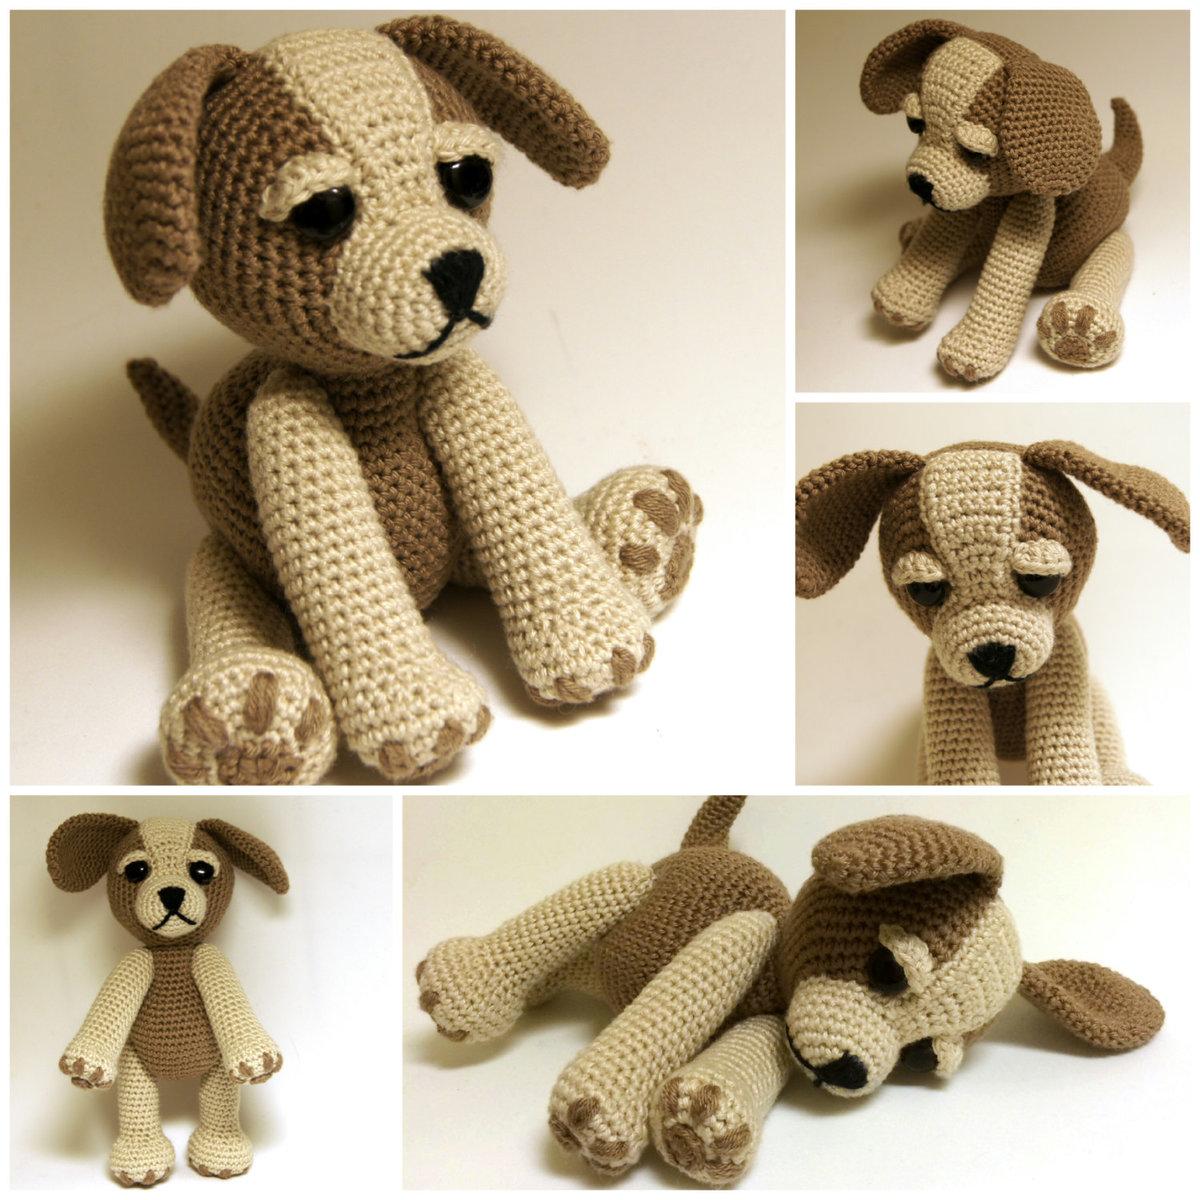 Crochet Pattern Sammy The Puppy Dog Crochet Dog Crochet Animal